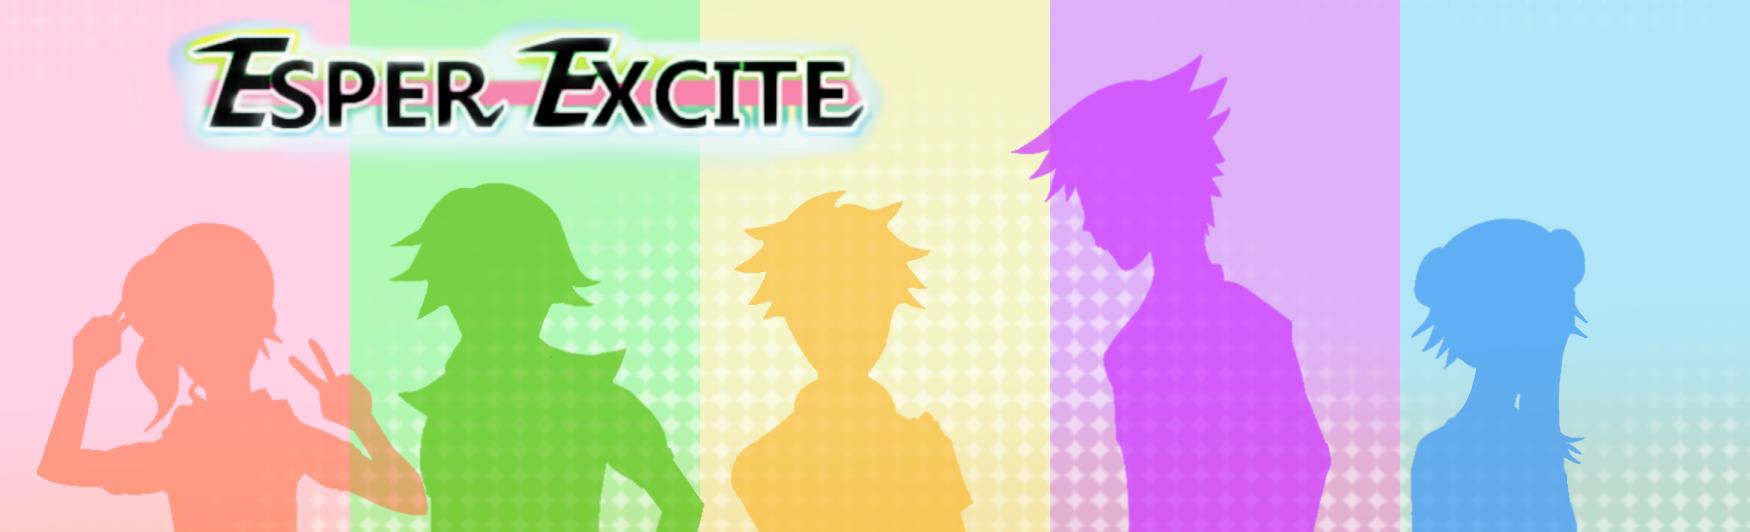 Esper Excite